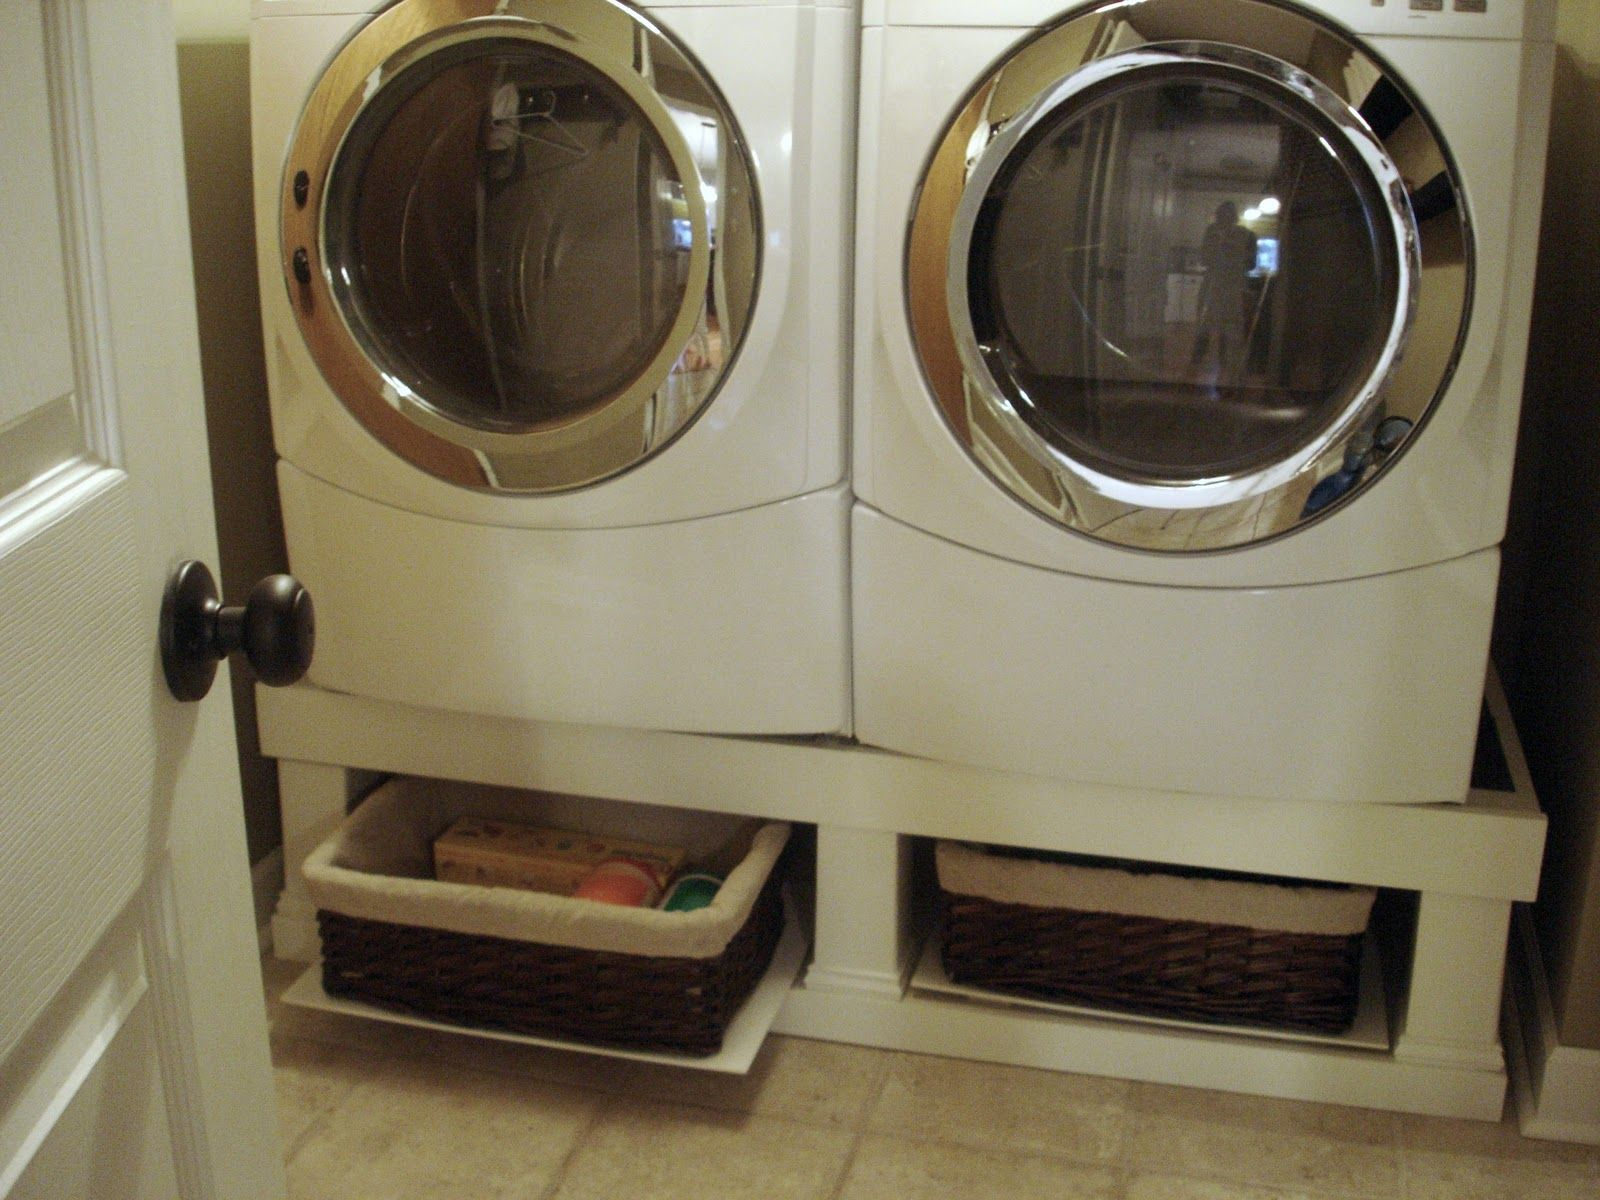 Crazy Wonderful Washer Dryer Stand Installed